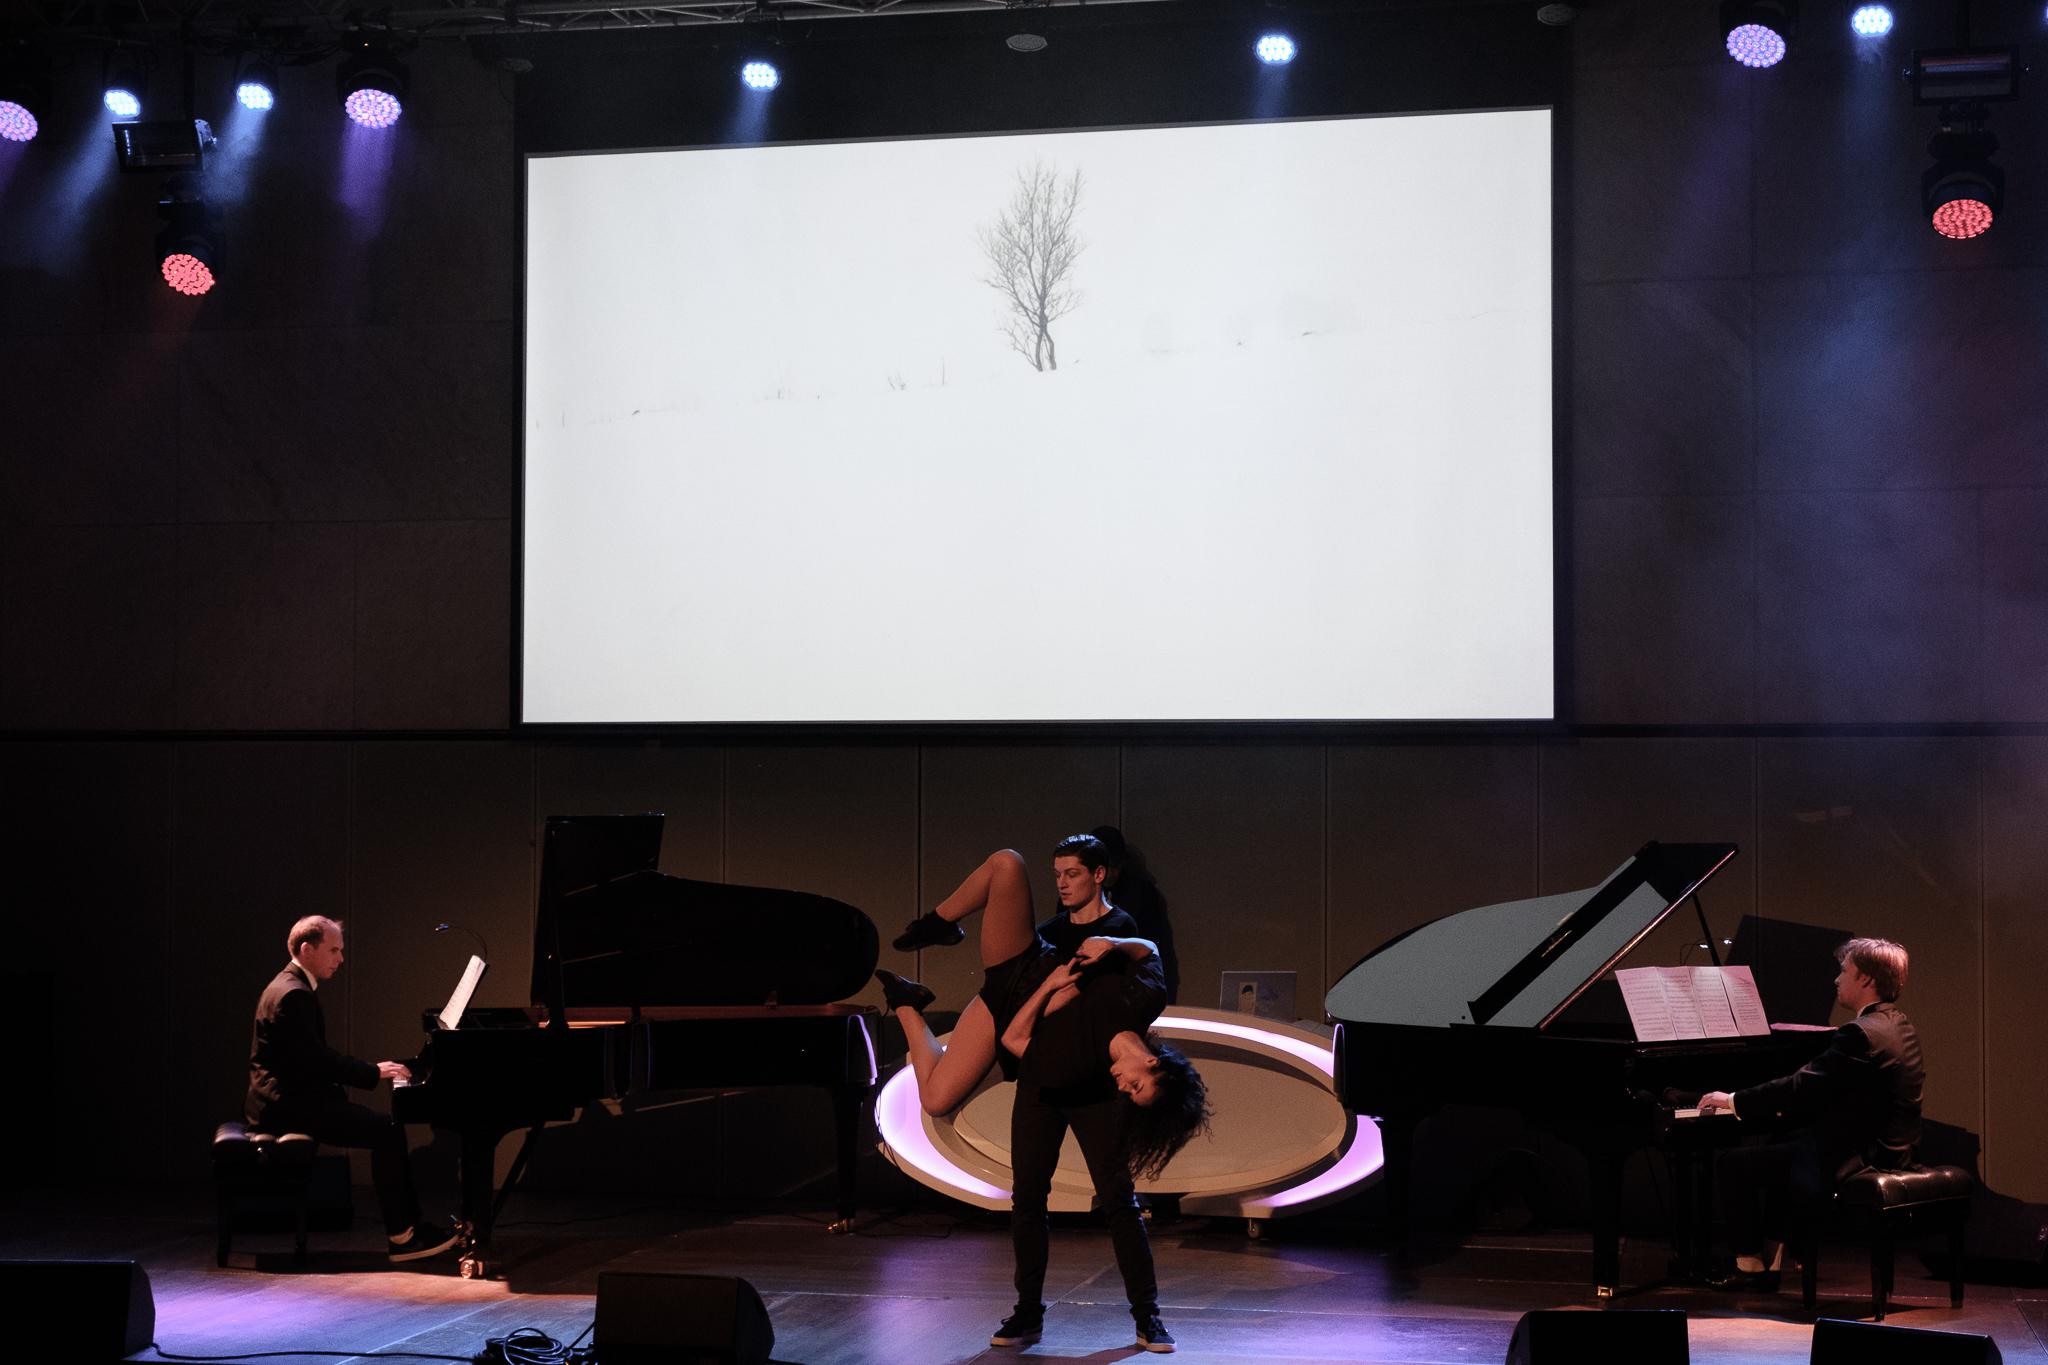 De Doelen, Rotterdam, NL, 2018